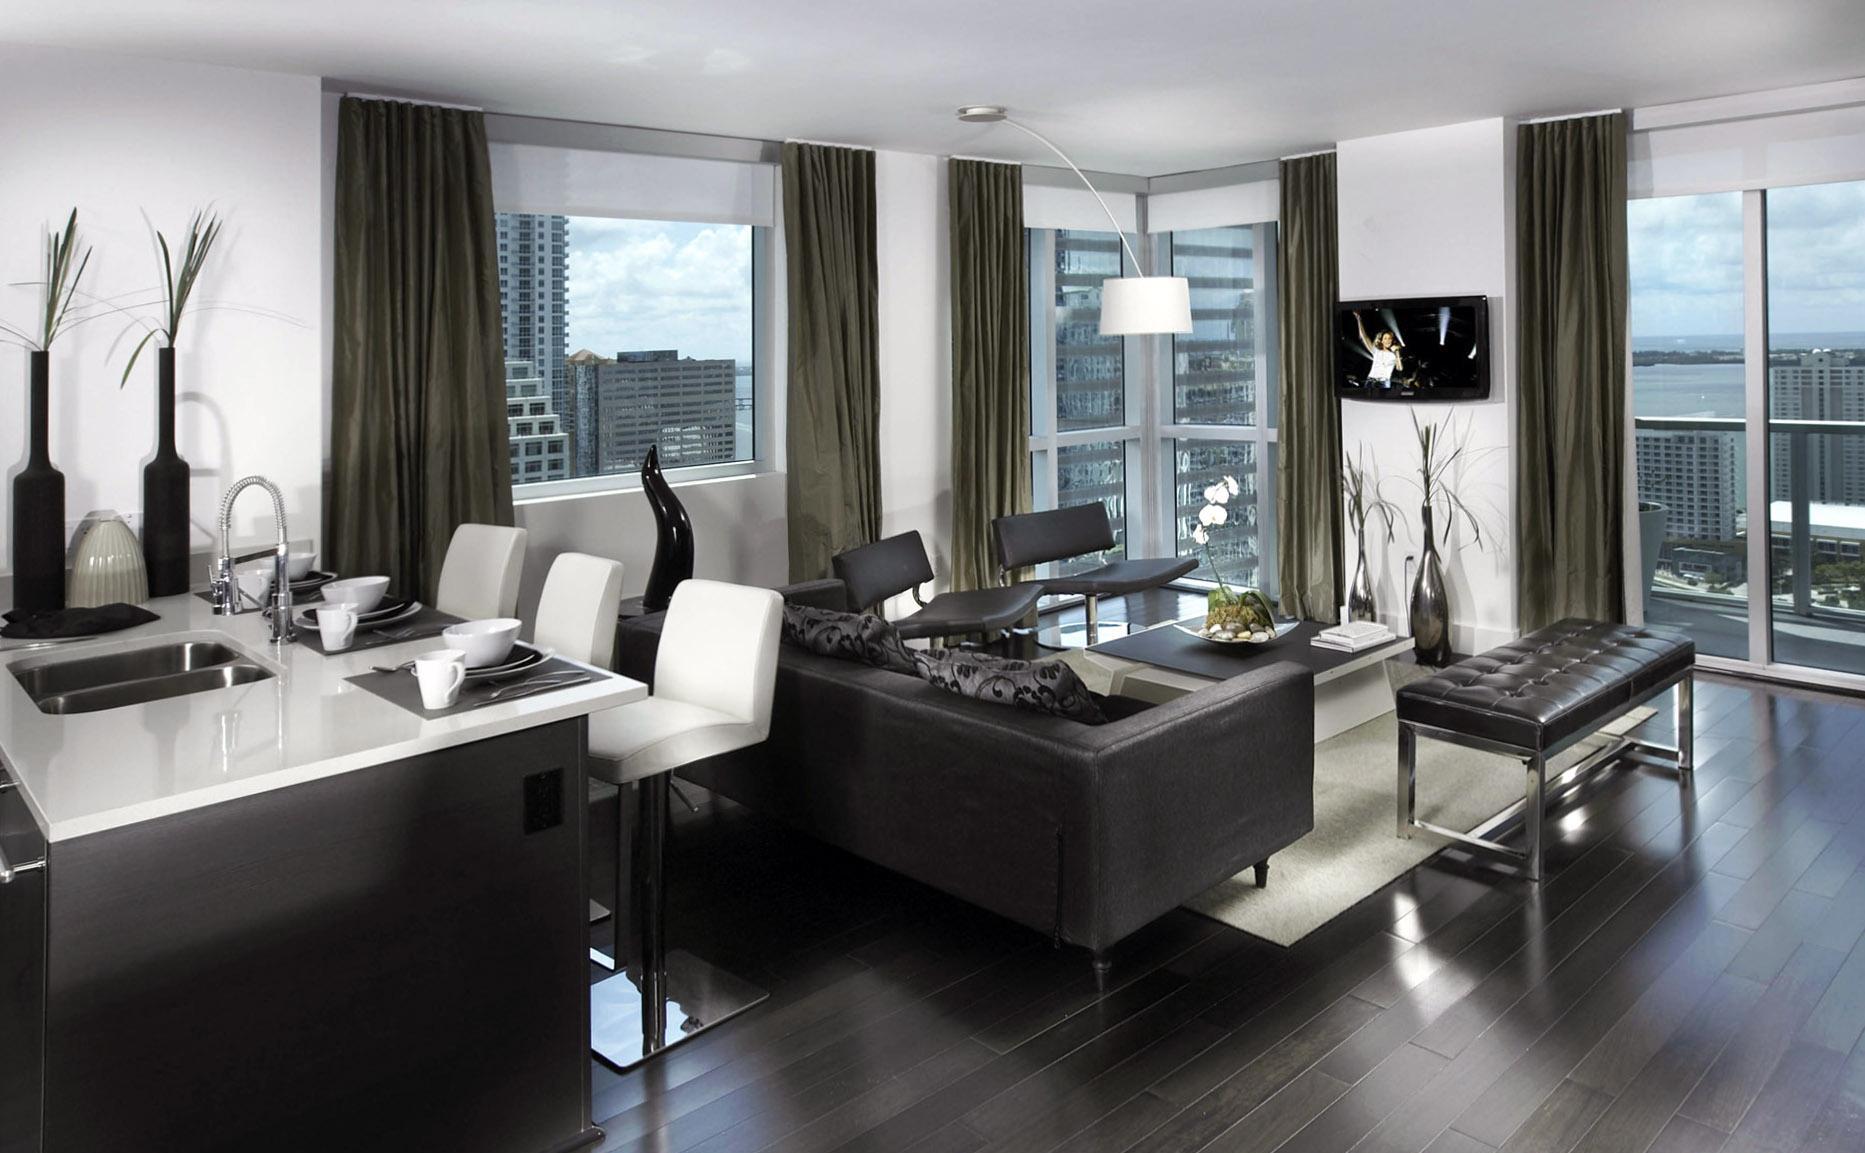 Барная стойка разделяет пространство кухни и гостиной